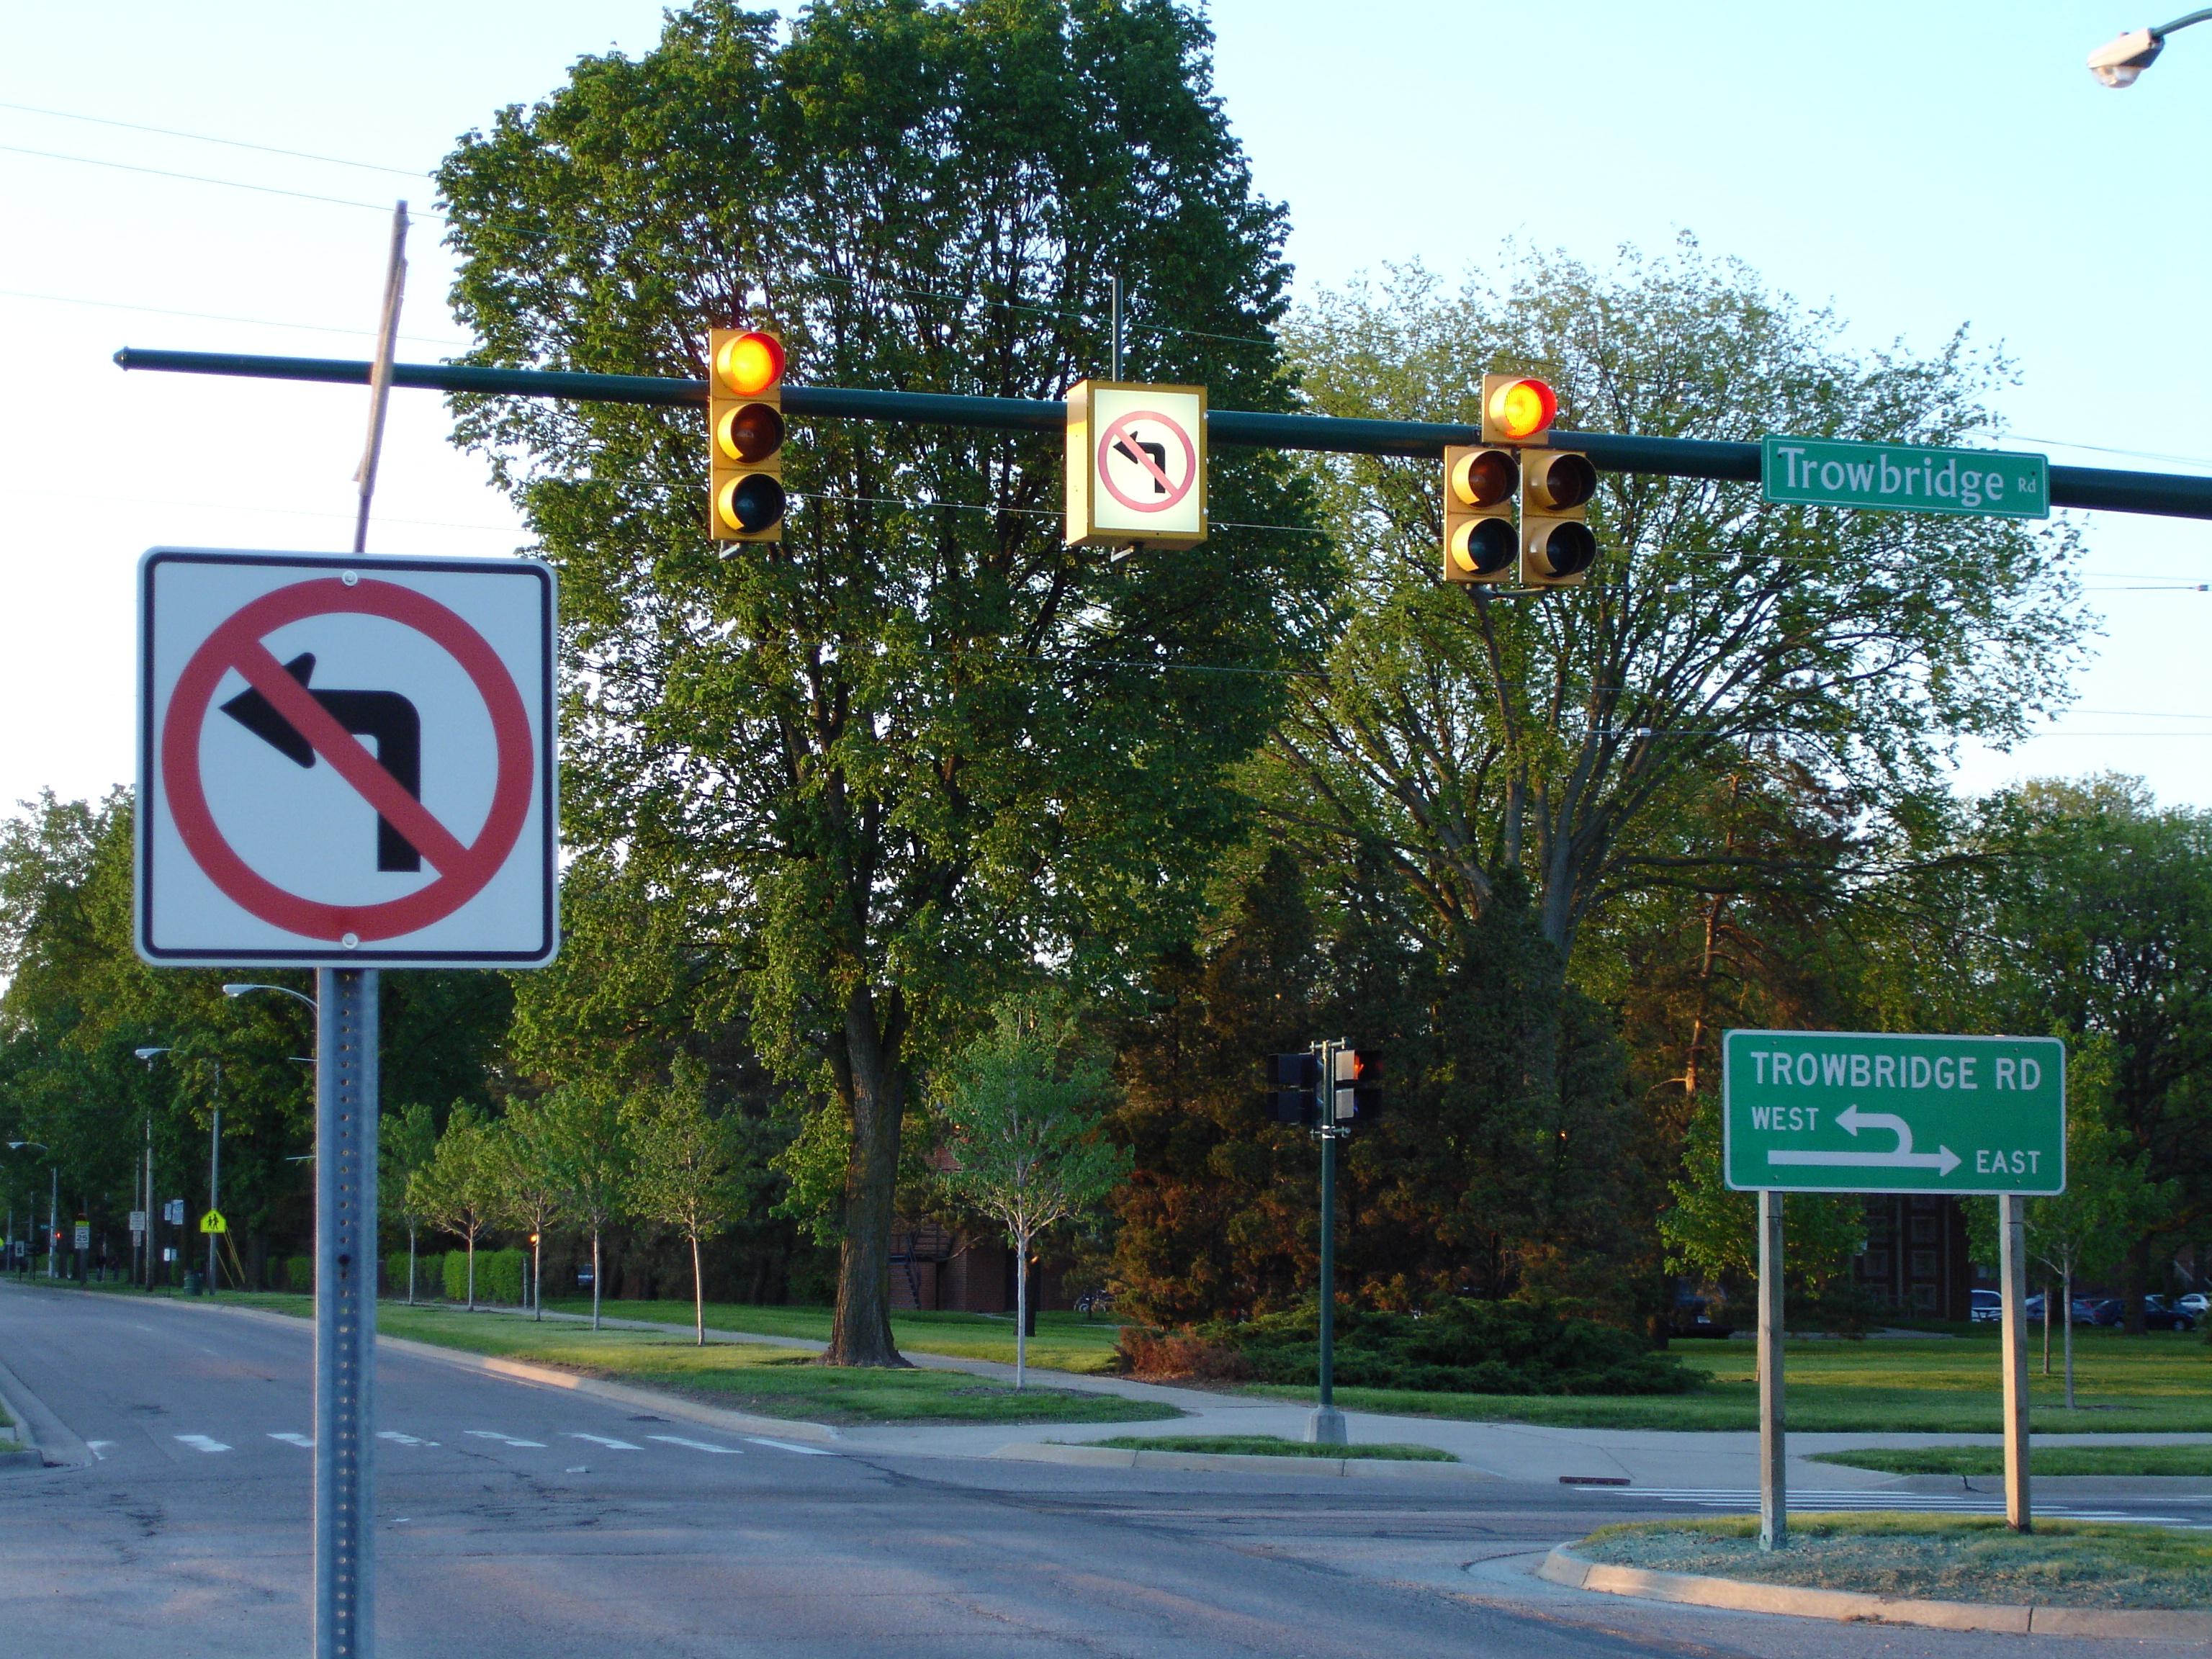 Британцы провалили экзамен на знание дорожных знаков